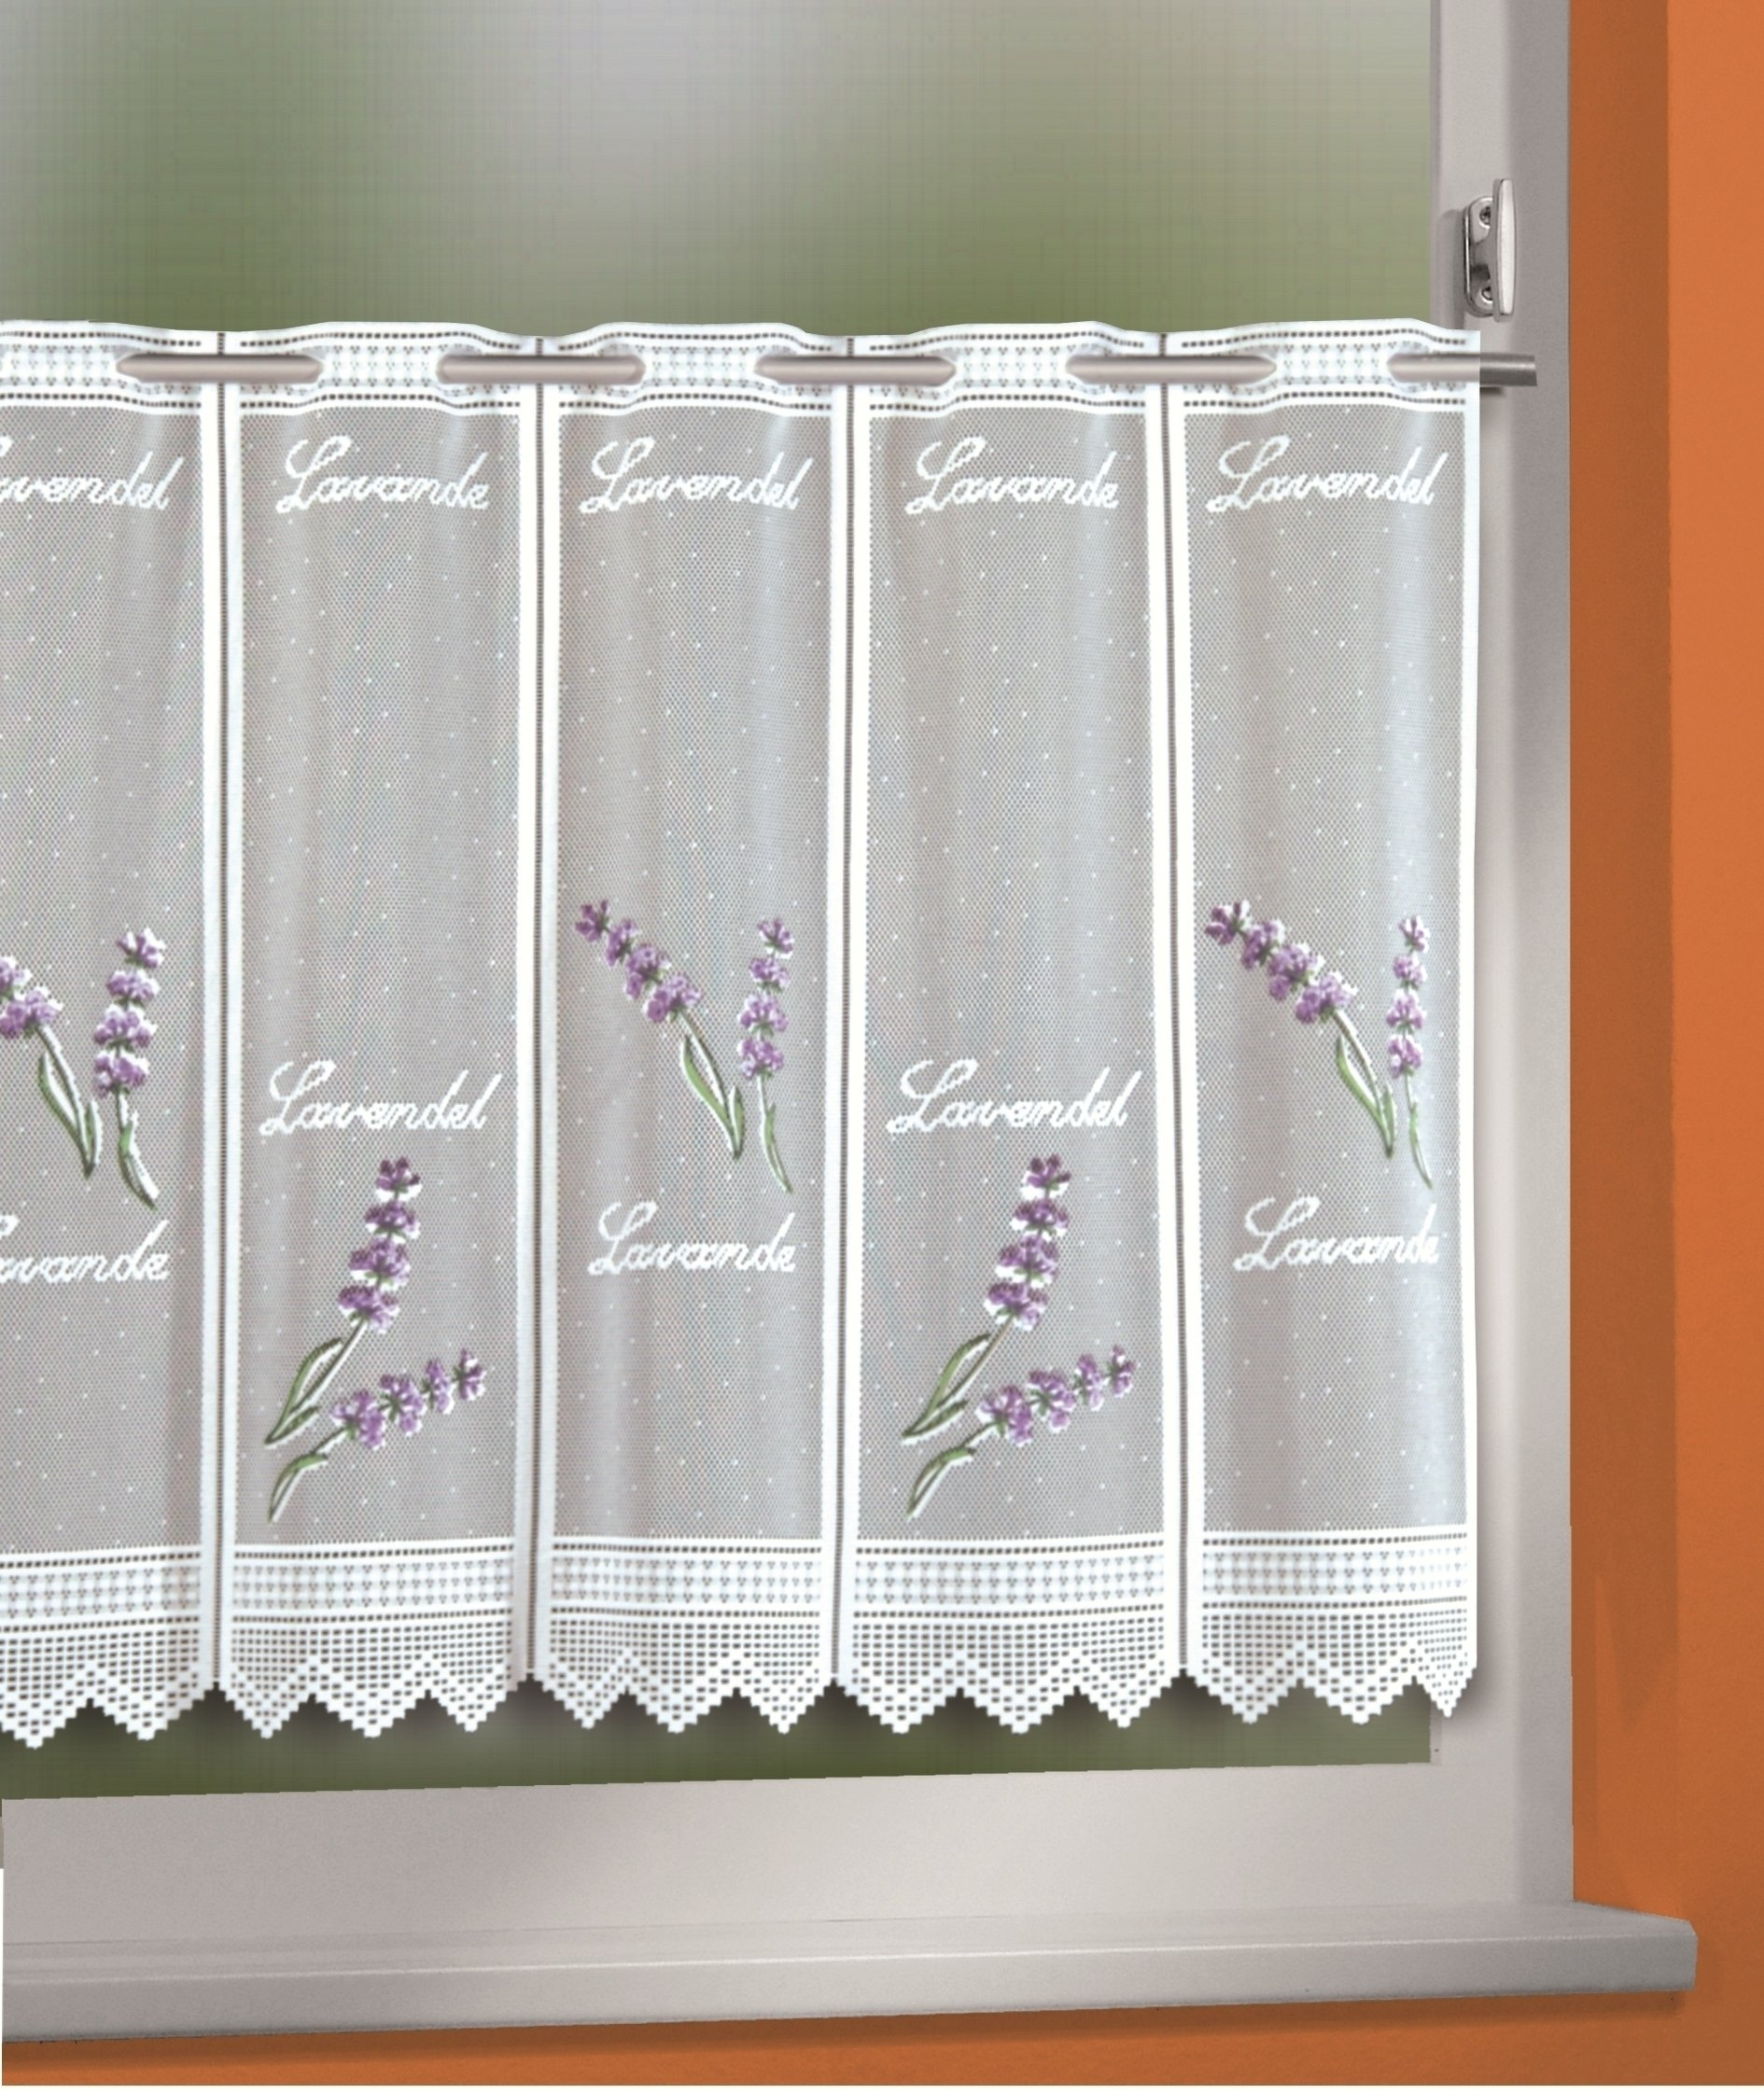 Full Size of Küchengardinen Kchengardine Lavendel Wei Violett 150 45 Cm Sb Lagerkauf Wohnzimmer Küchengardinen